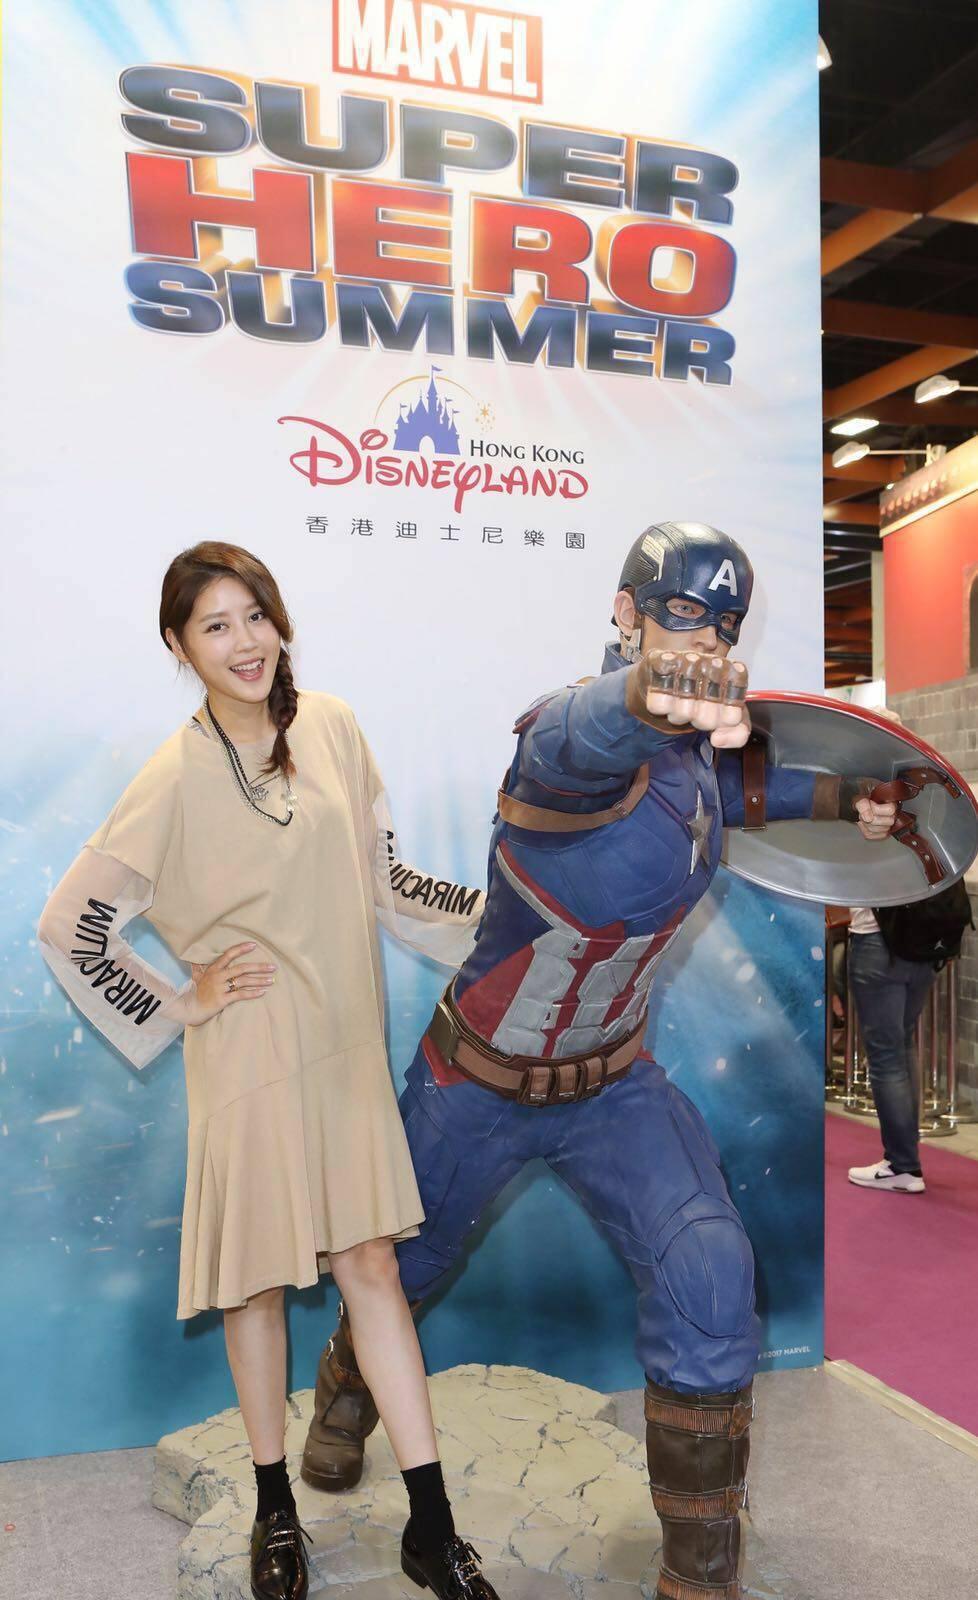 嚴立婷在旅展跟美國隊長合照。圖/香港迪士尼樂園提供